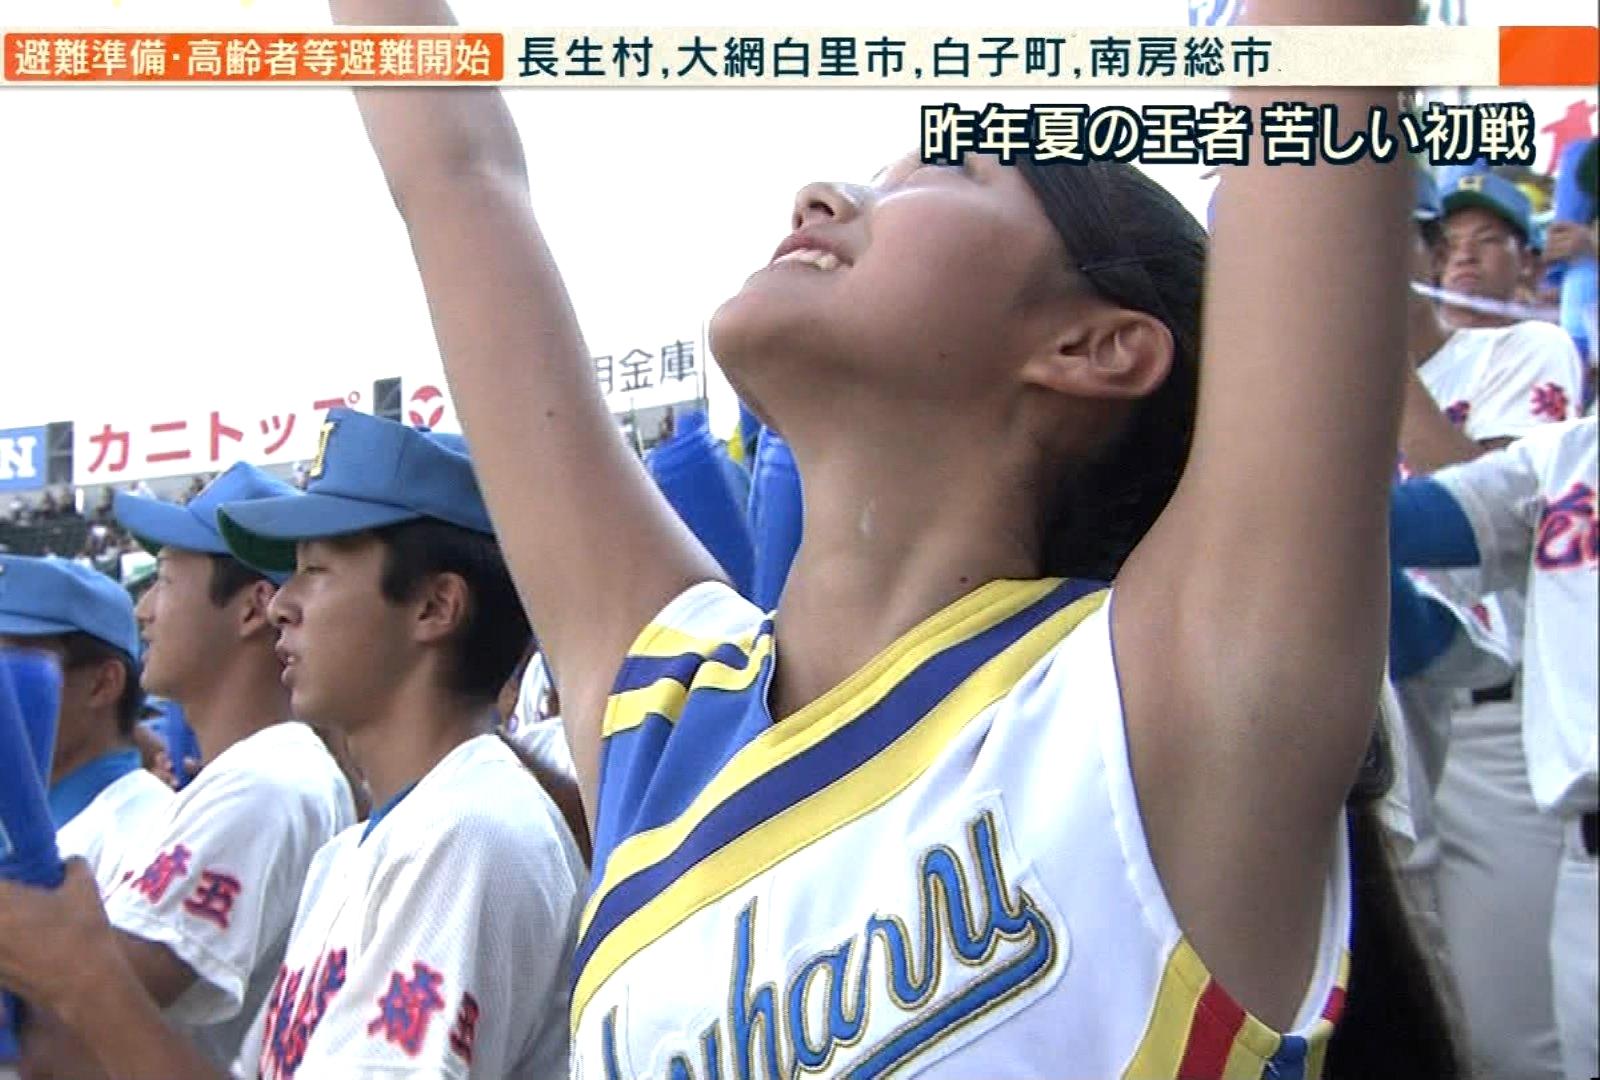 甲子園JKチア腋まとめ2018 (7)